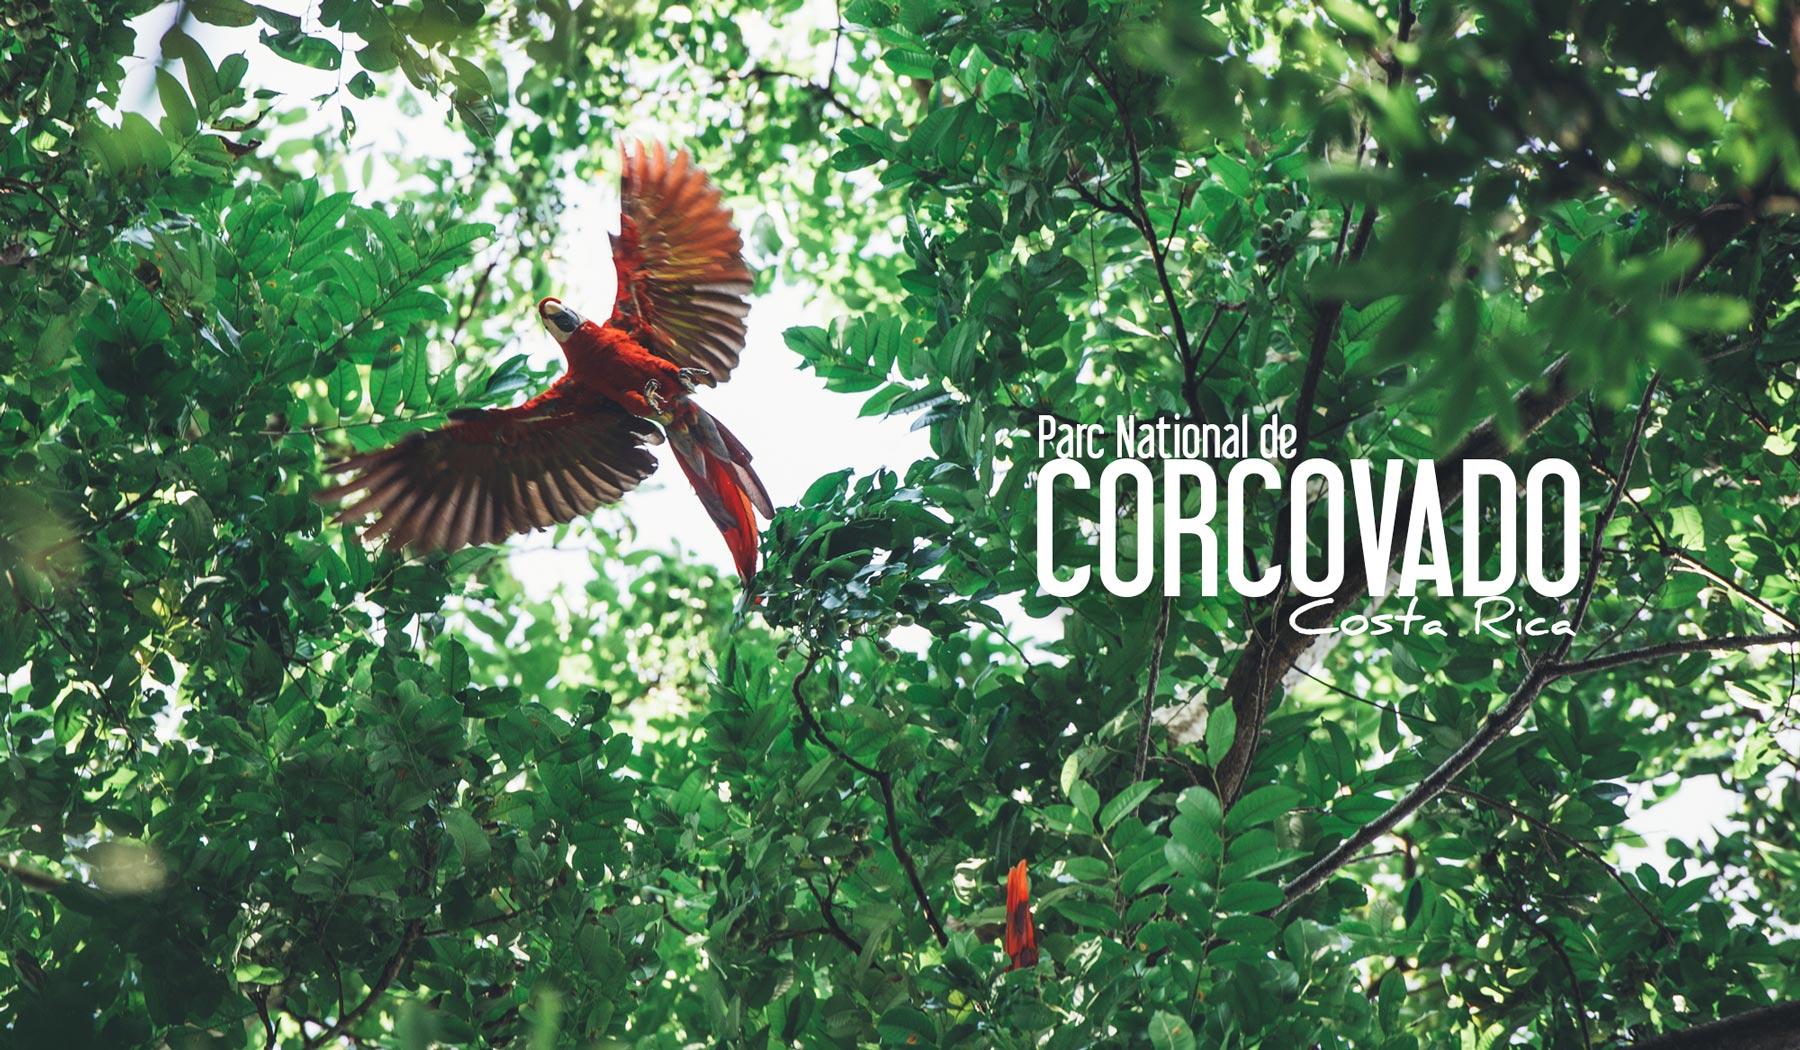 corcovado parc national costa rica blog voyage